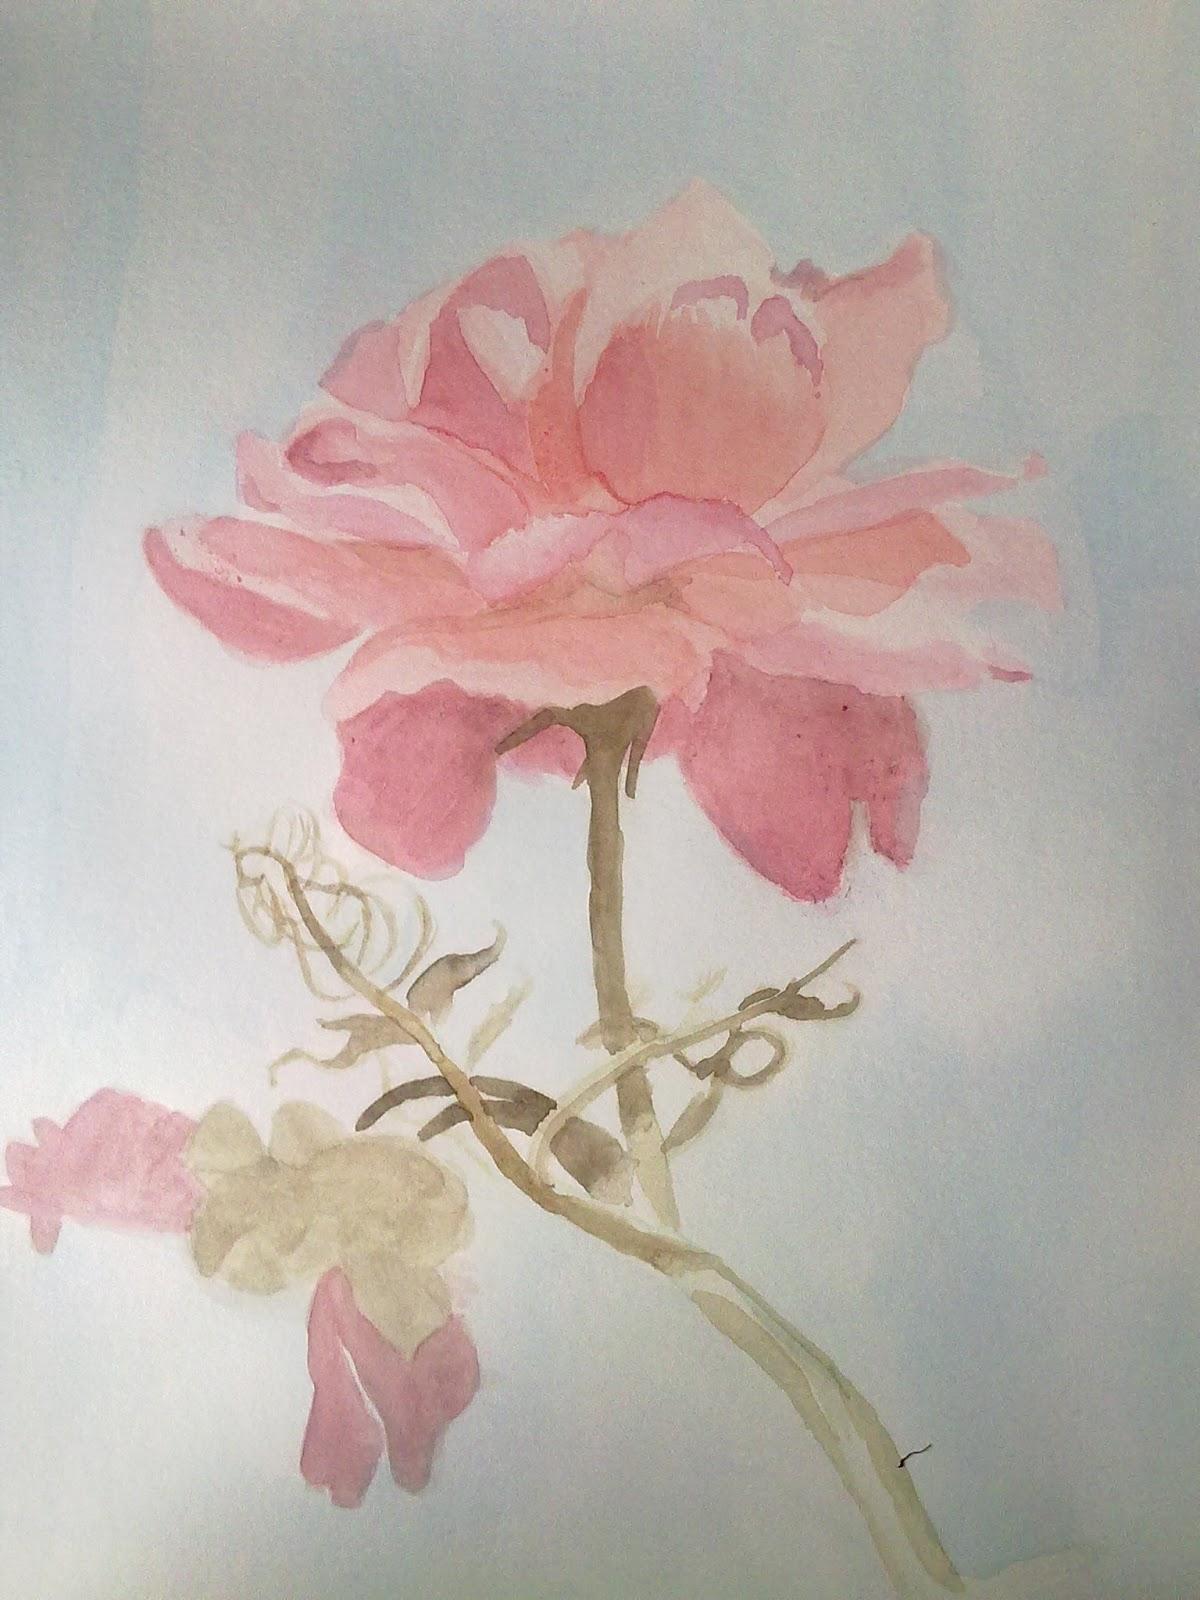 Clases de dibujo y pintura en La Corua